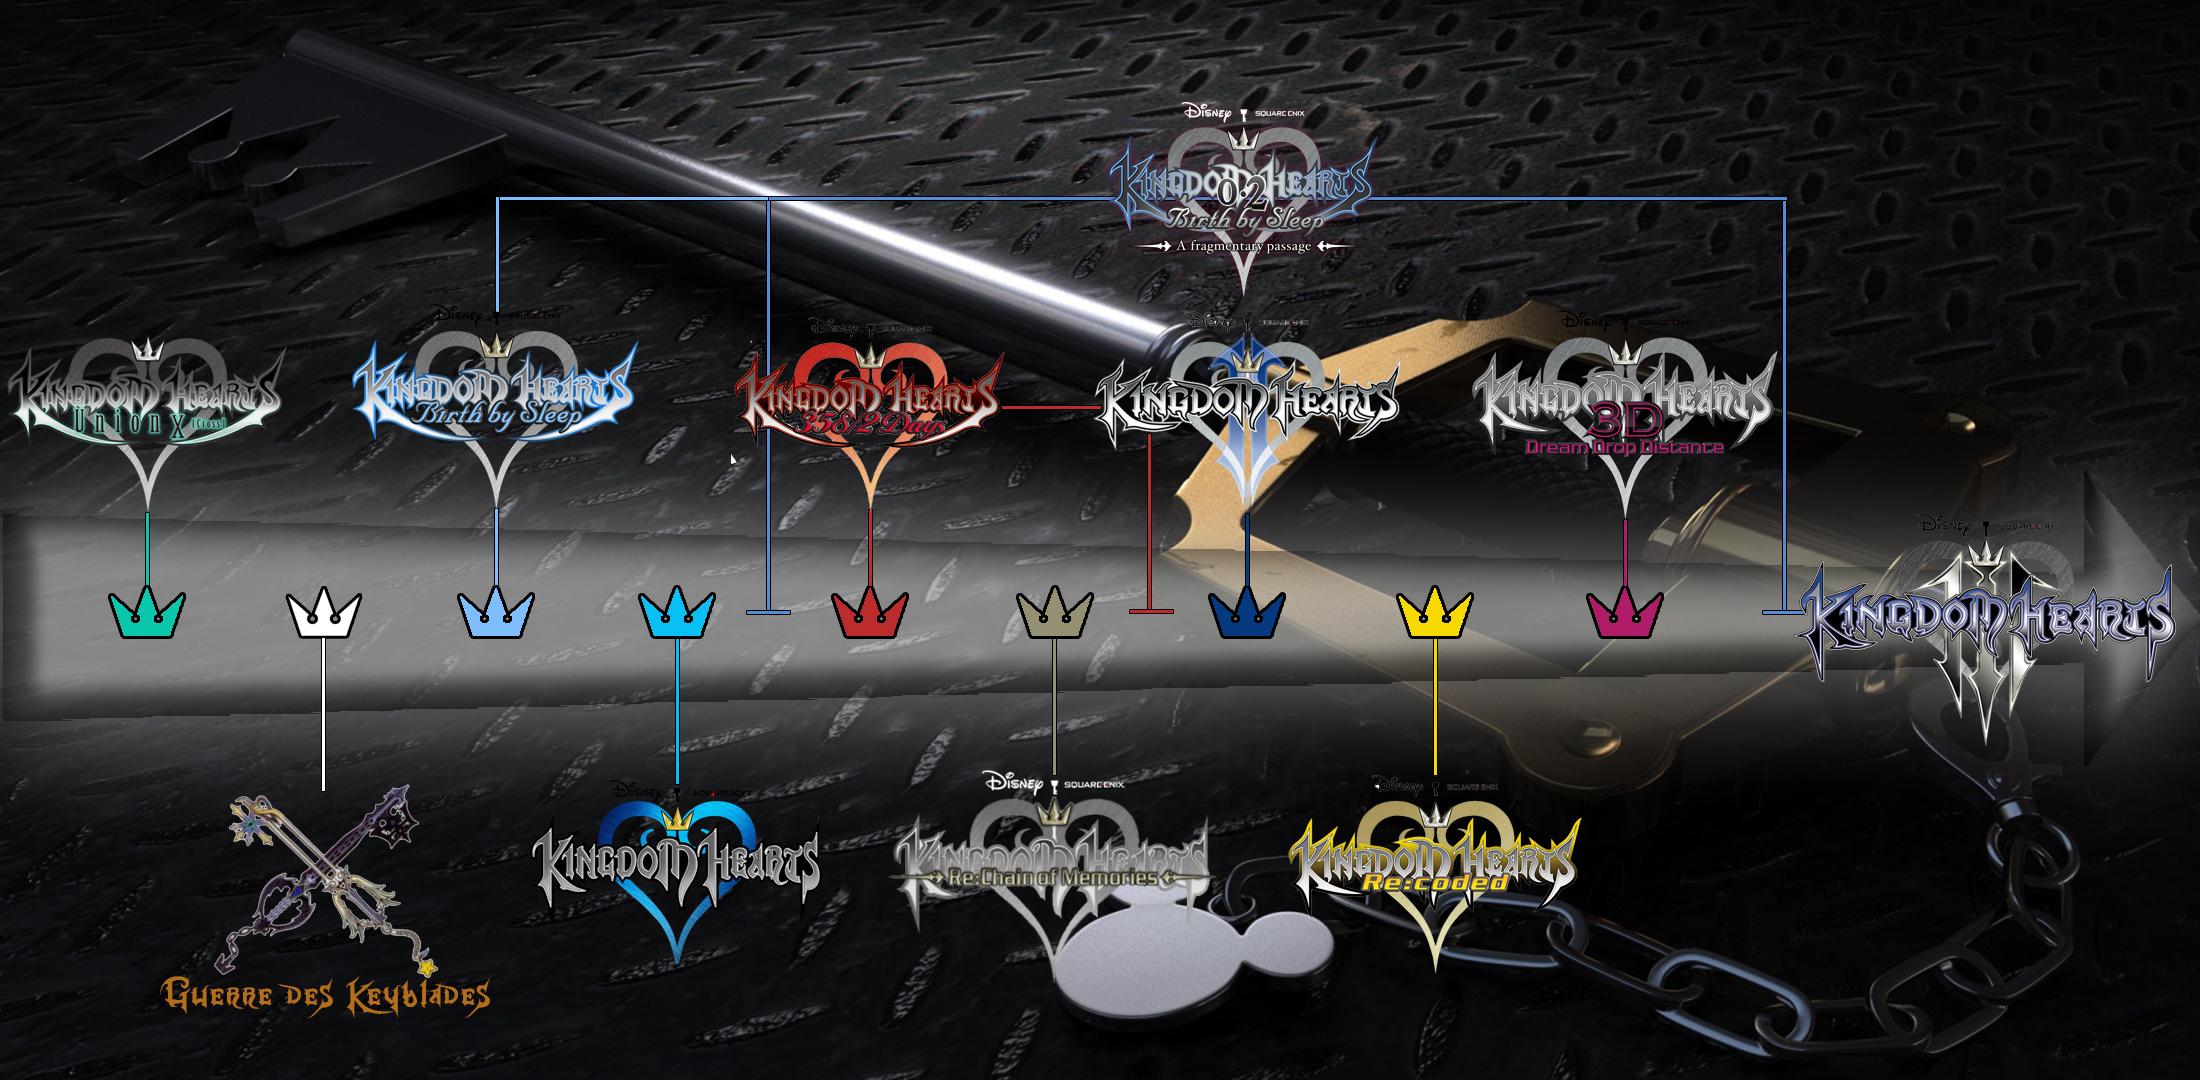 Kingdom Hearts - frise chronologique